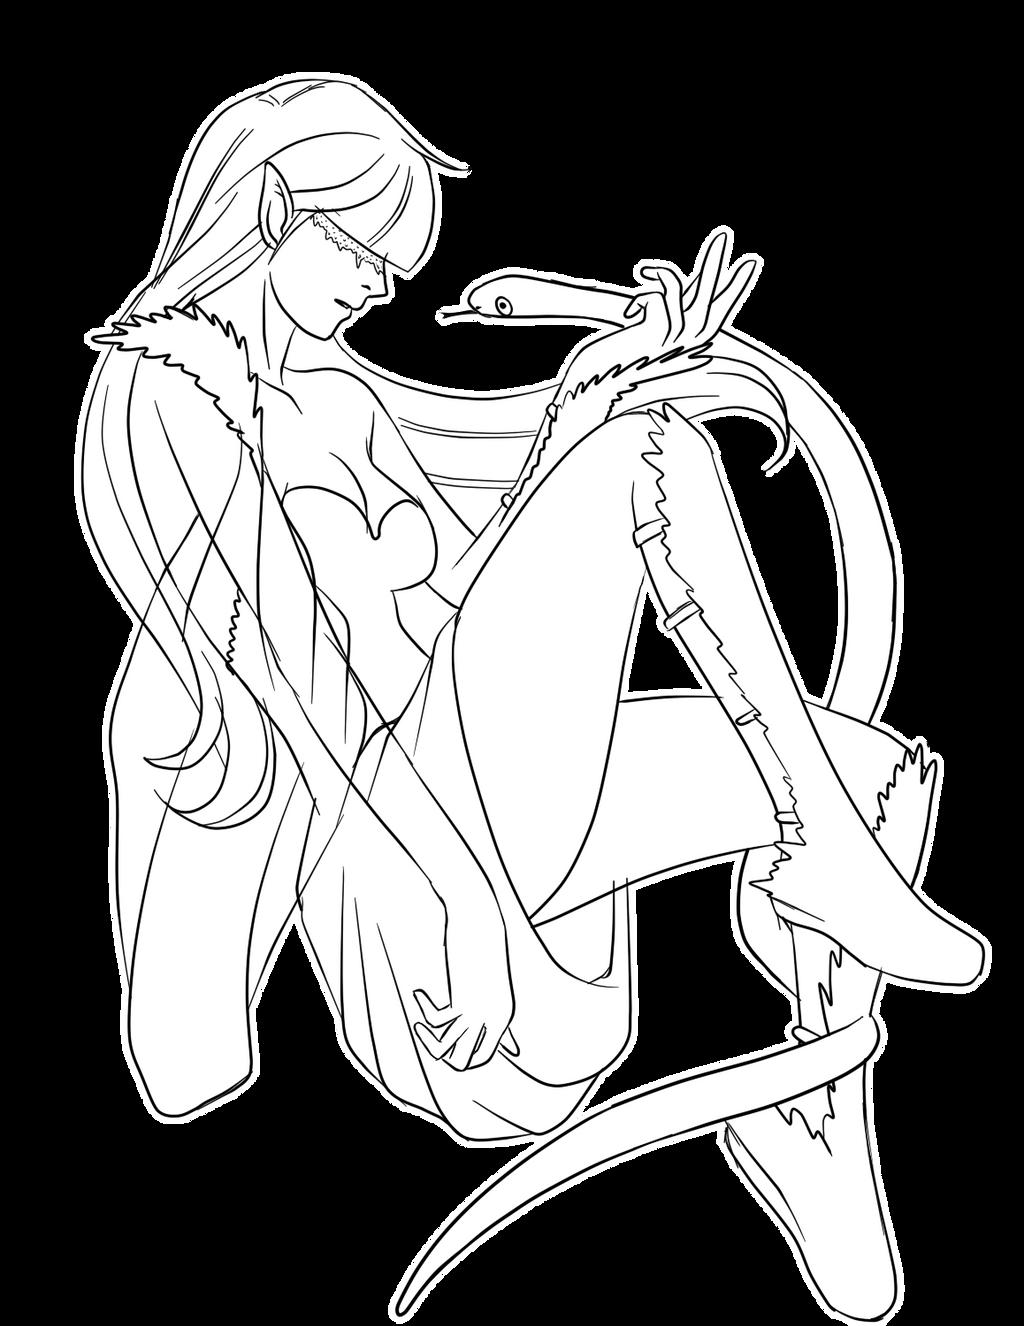 Ilustraciones:. - Página 3 The_girl_and_the_serpent_by_nianatsu-d4lnnz8